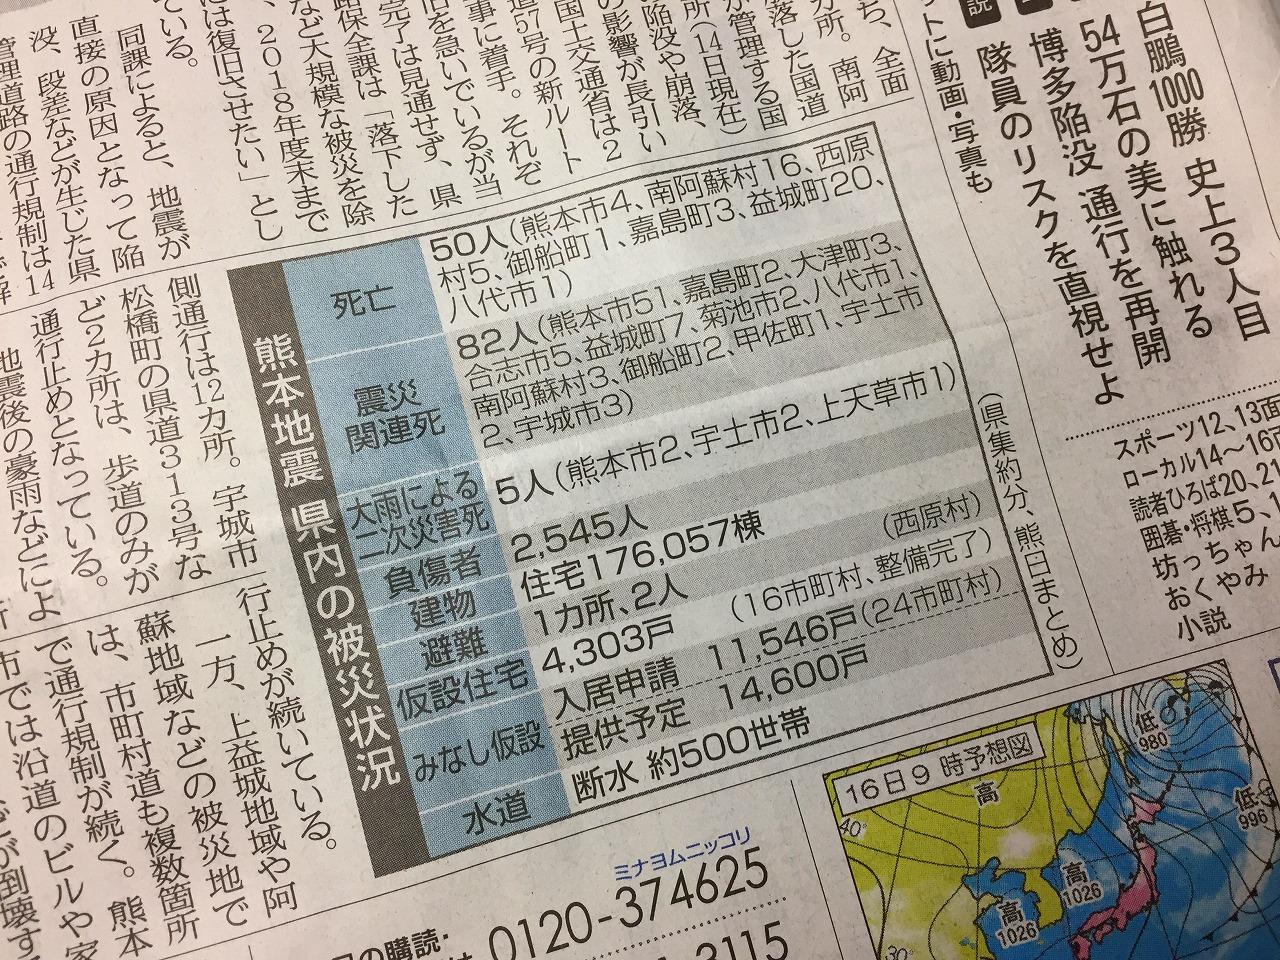 熊本地震 被災状況